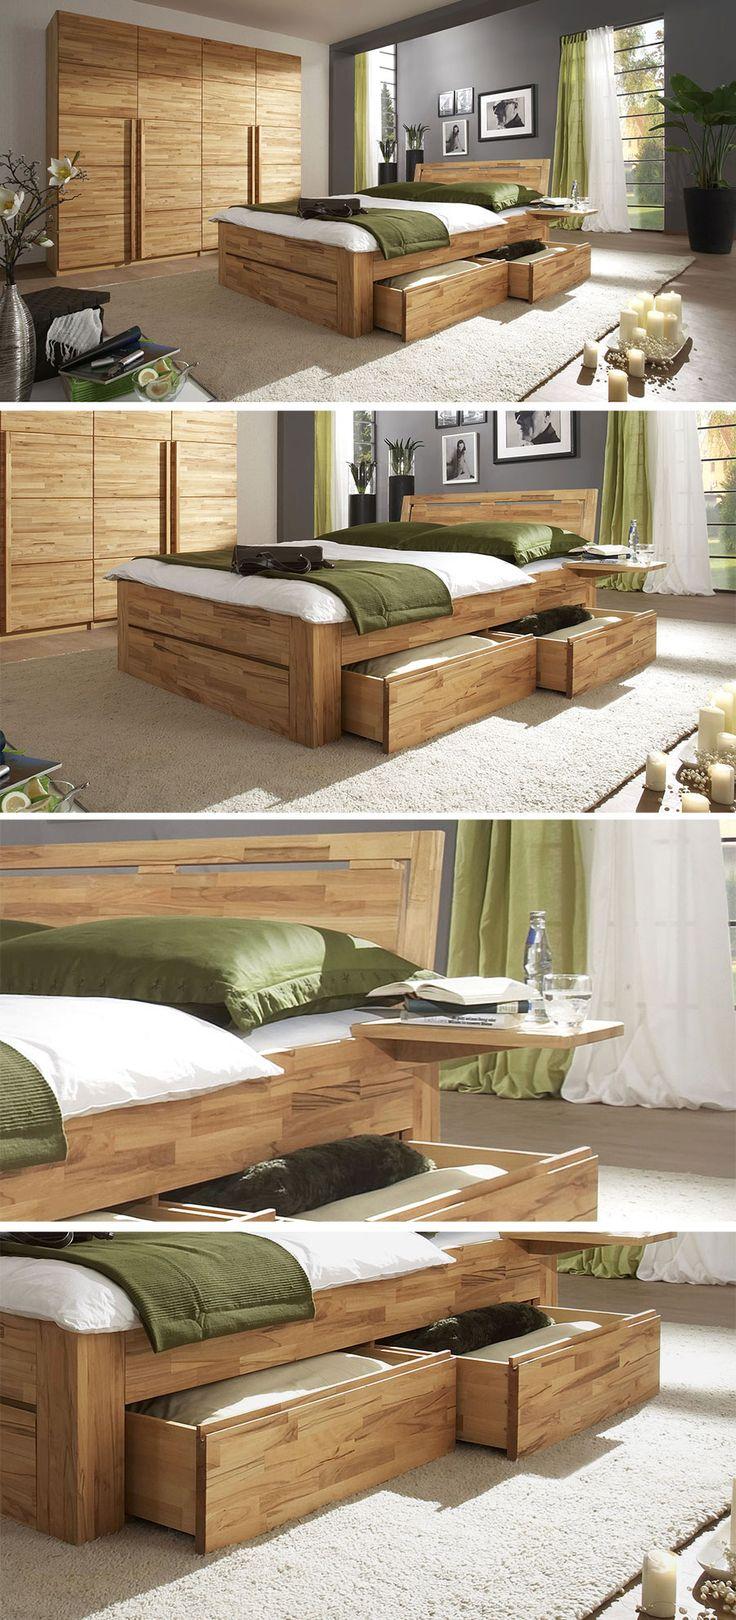 Vintage Massives Komplett Schlafzimmer aus nat rlicher Kernbuche massivholz wohnen schlafzimmer bett kleiderschrank betten de http betten de u